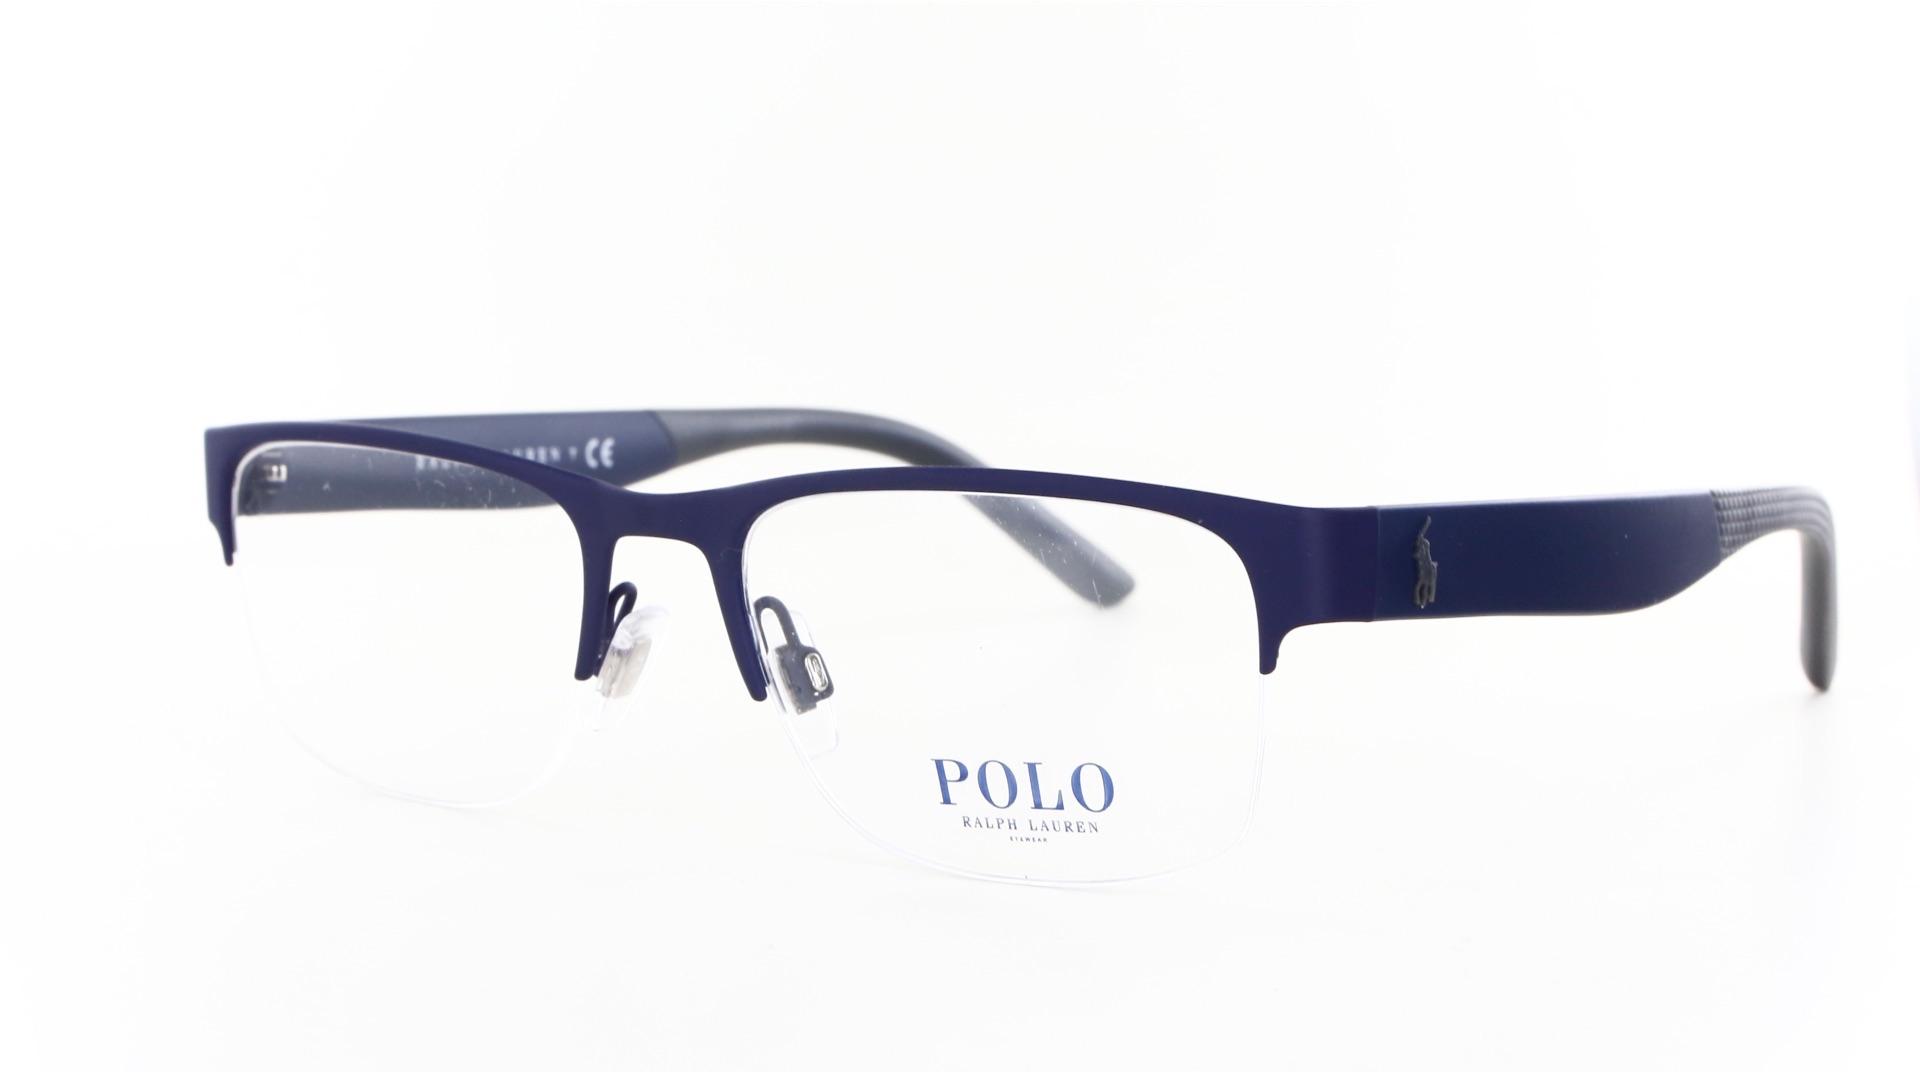 Polo Ralph Lauren - ref: 77553